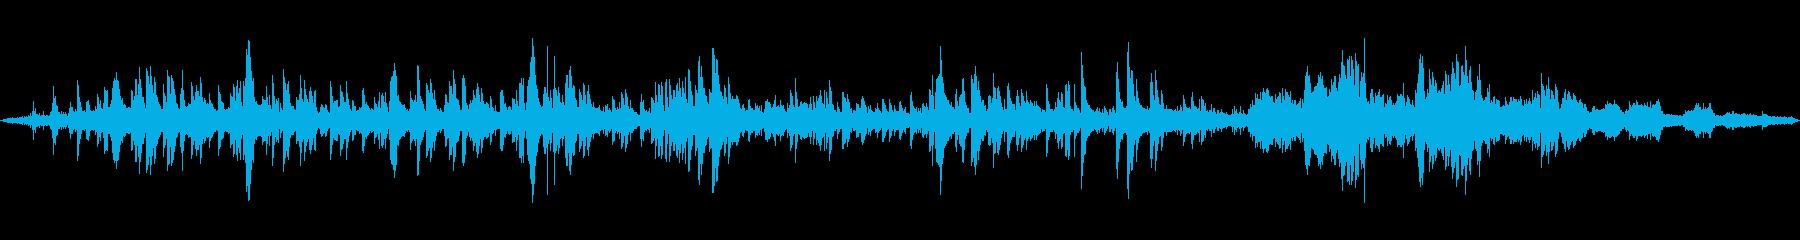 トロイメライと波音の幻想的ミックスの再生済みの波形